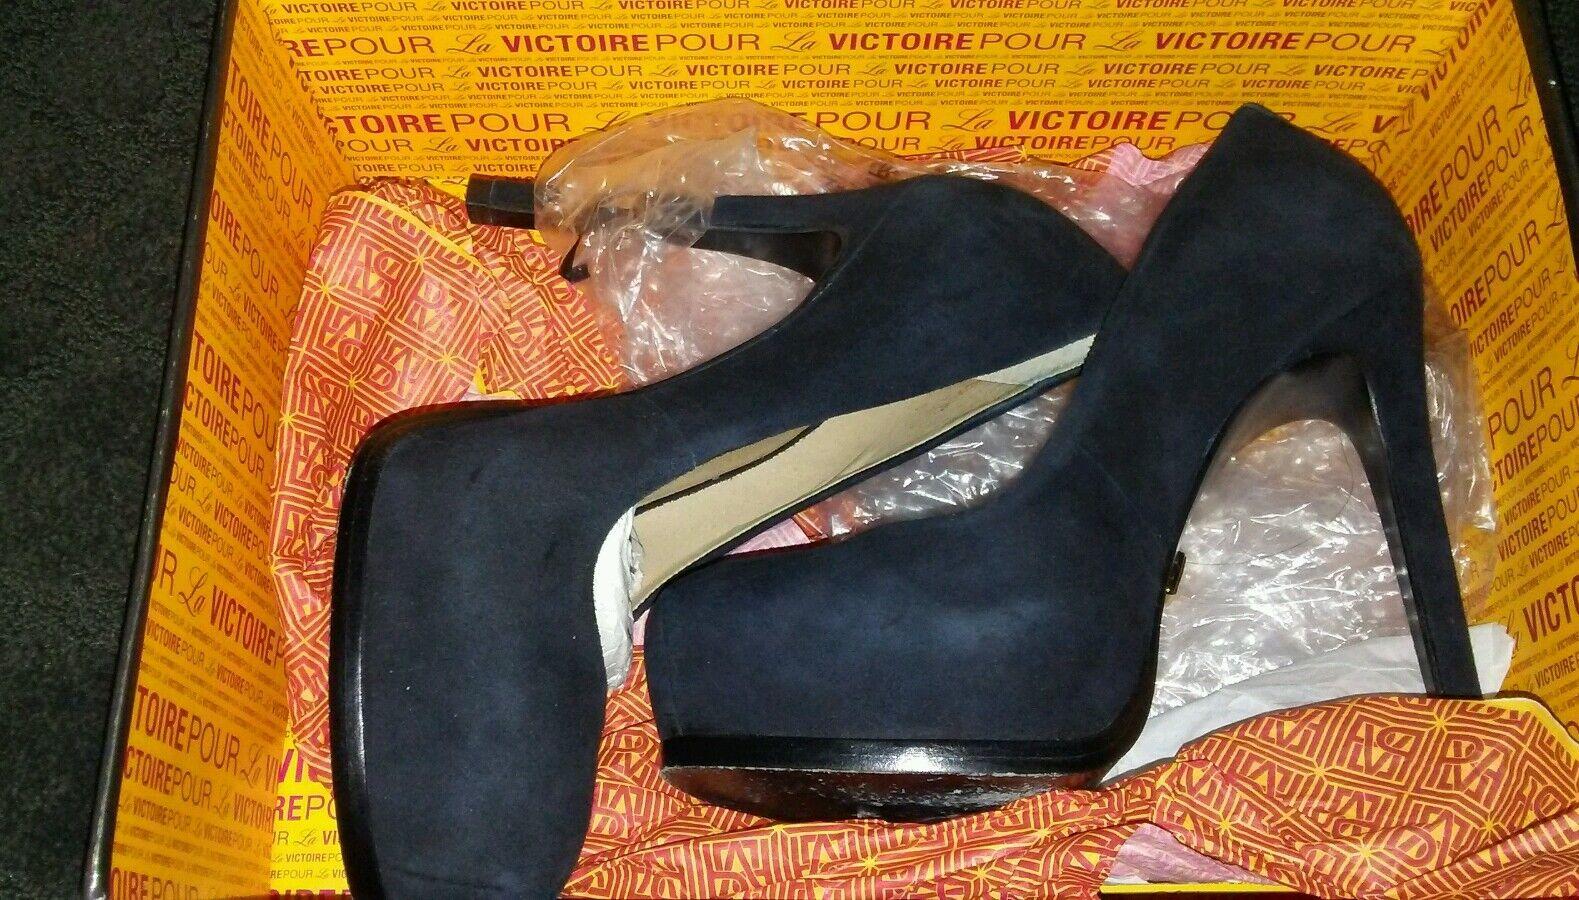 Damas de salón con Plataforma pour la la la Victoire Sz 5.5 Negro Gamuza Irina sólo  79 fue de 250  edición limitada en caliente